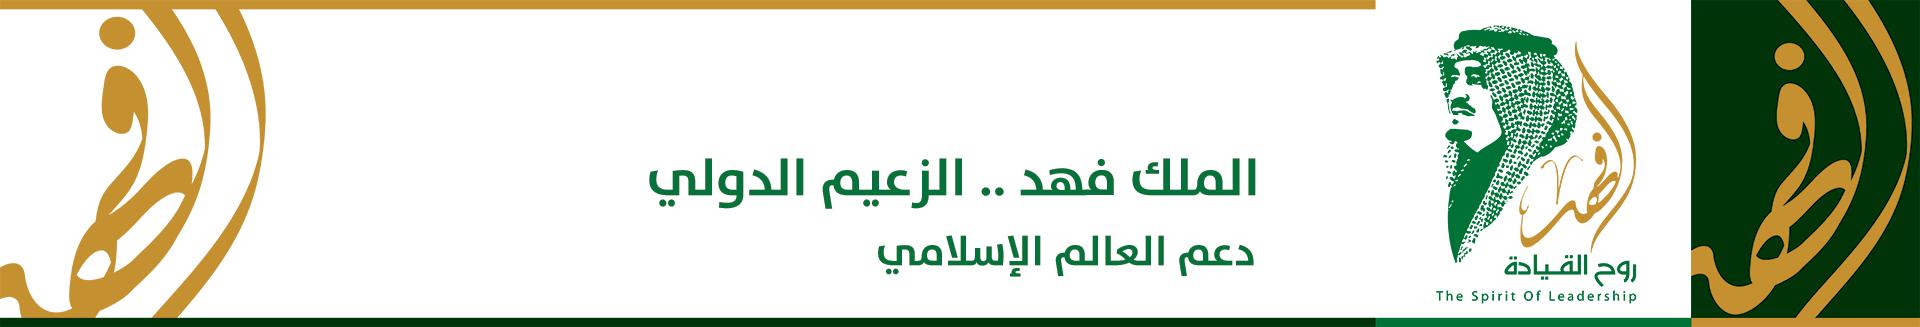 الملك فهد ودعم العالم الإسلامي